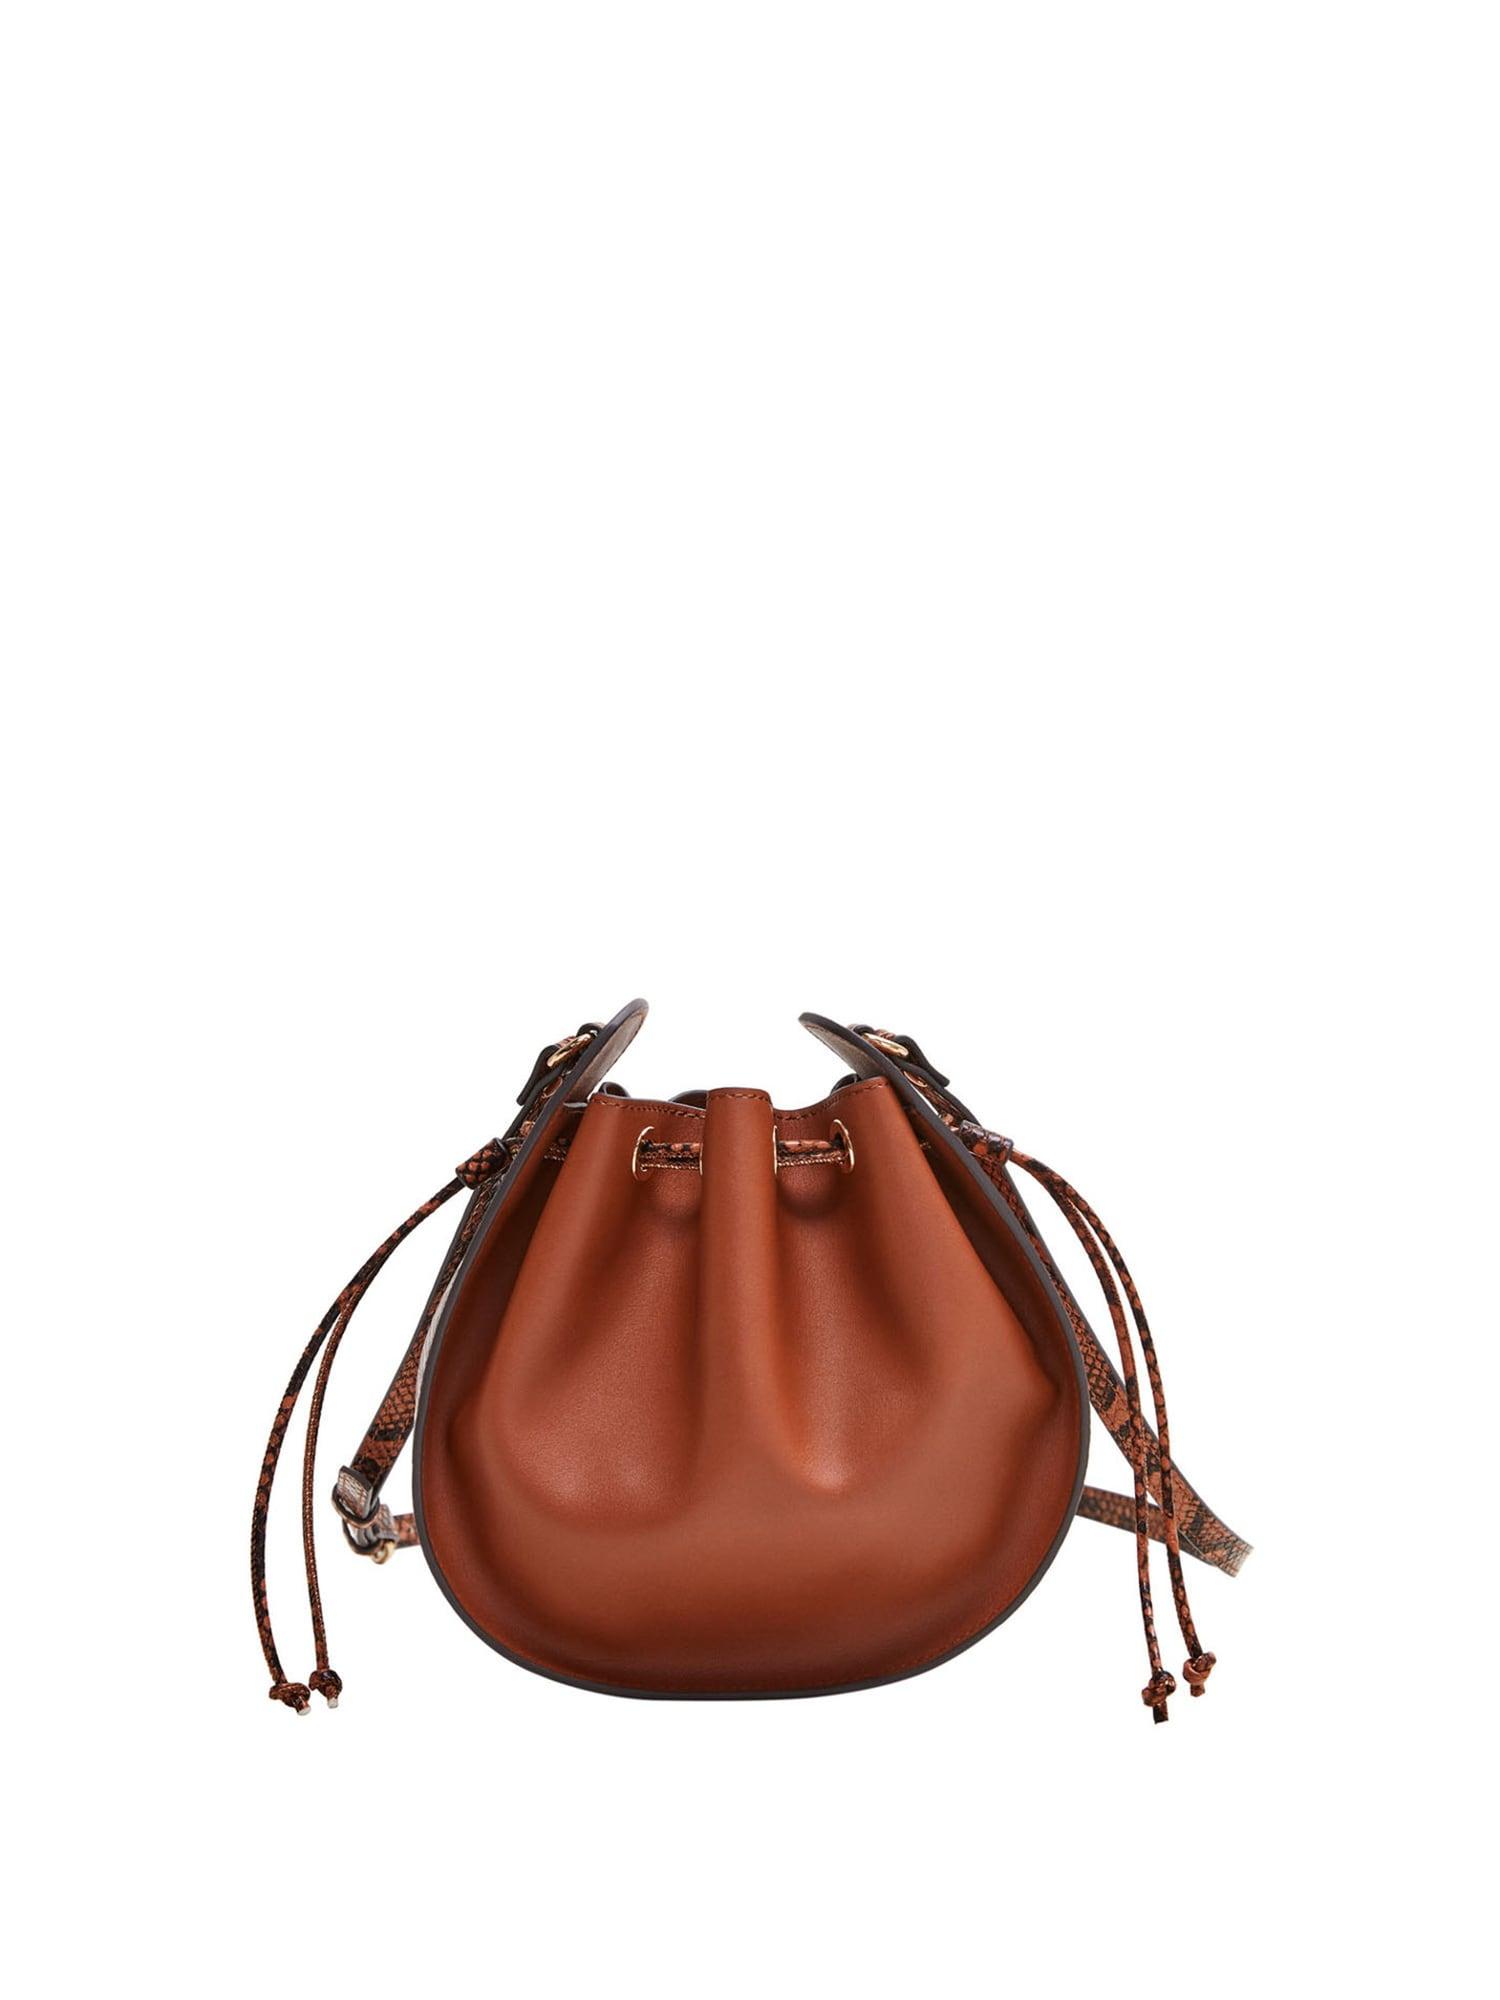 Beuteltasche 'BOLSO P ARUME' | Taschen > Handtaschen > Beuteltaschen | Mango